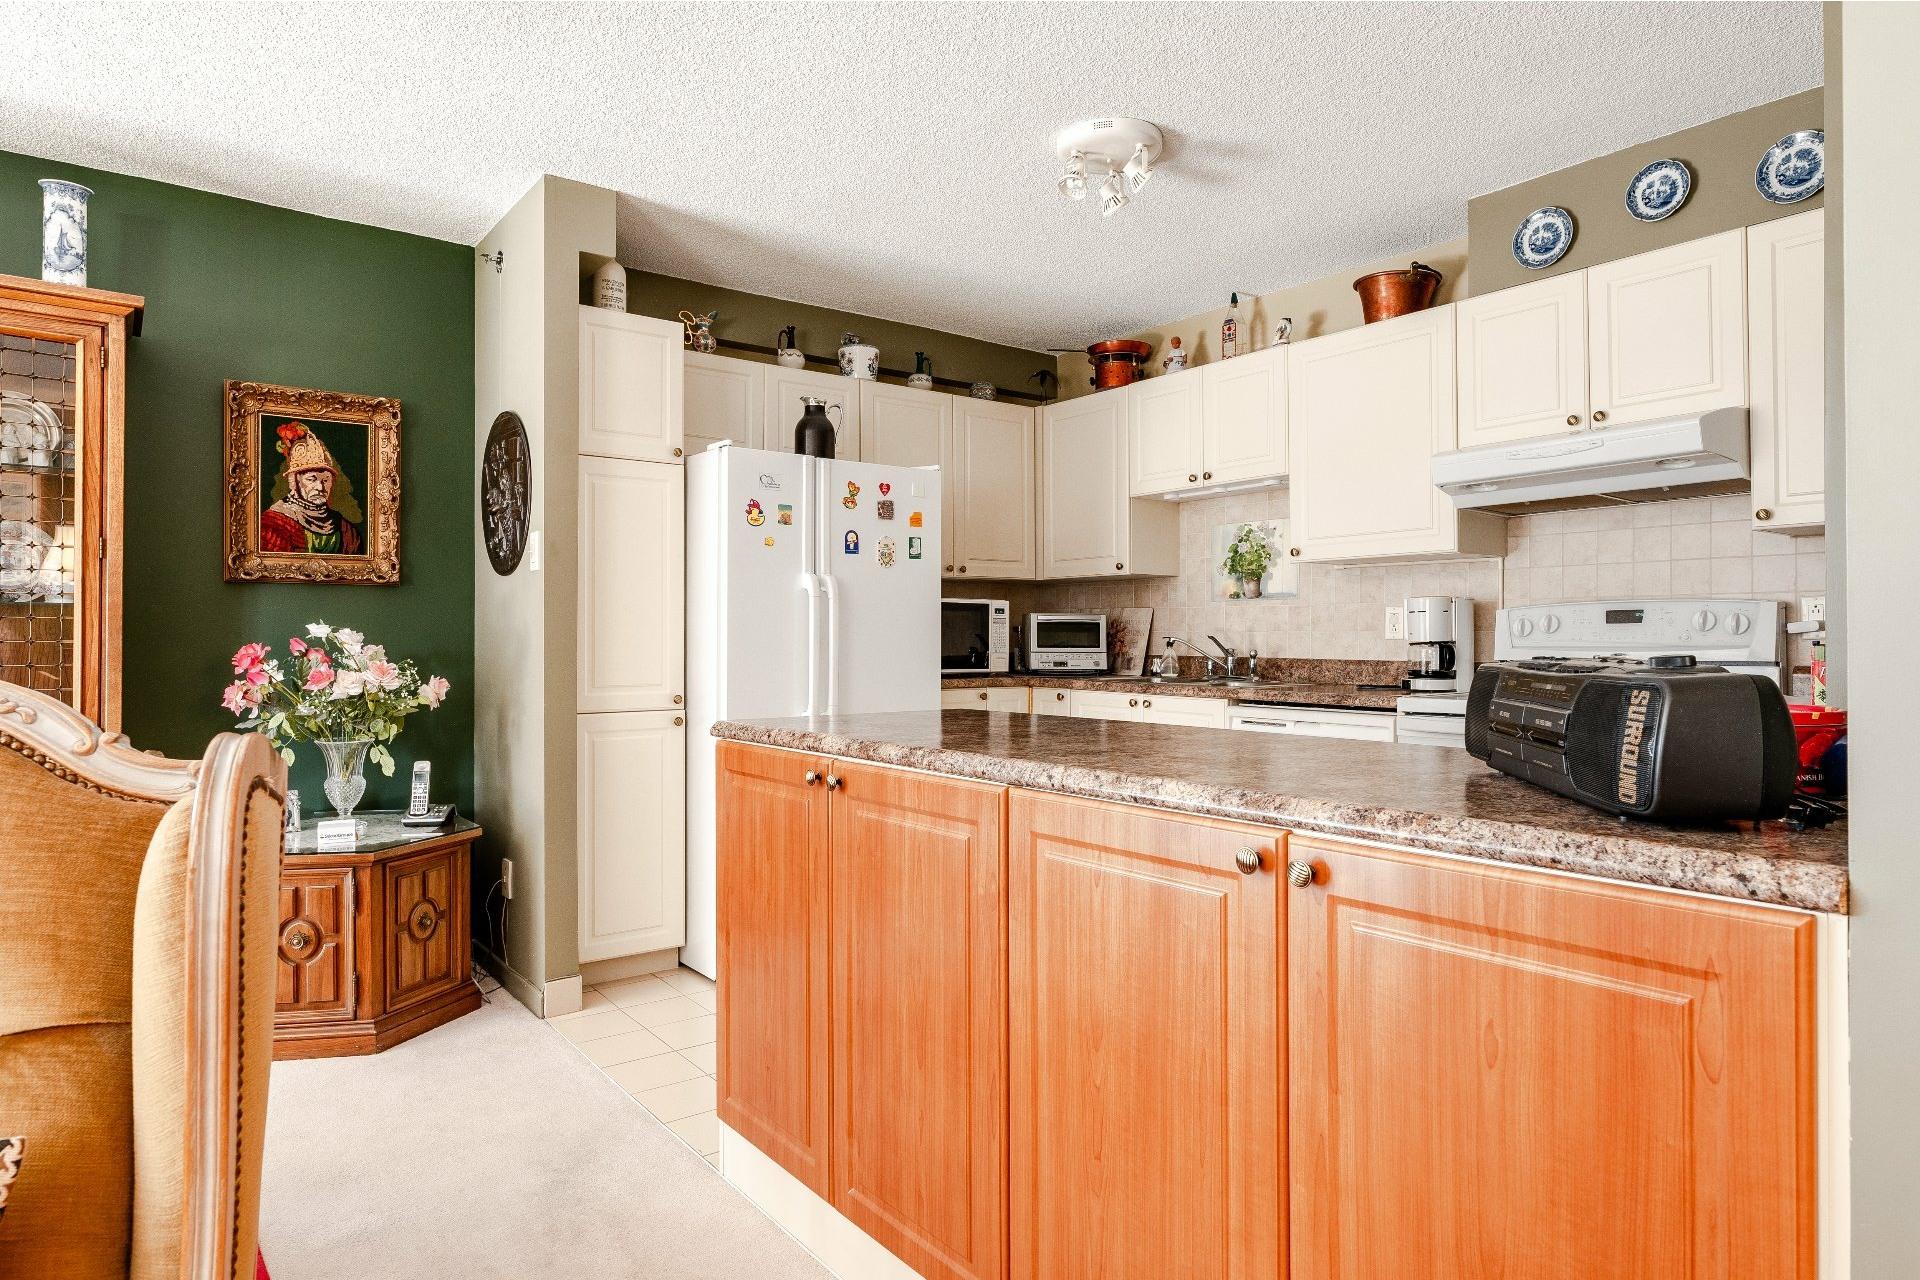 image 6 - Apartment For sale Pierrefonds-Roxboro Montréal  - 5 rooms